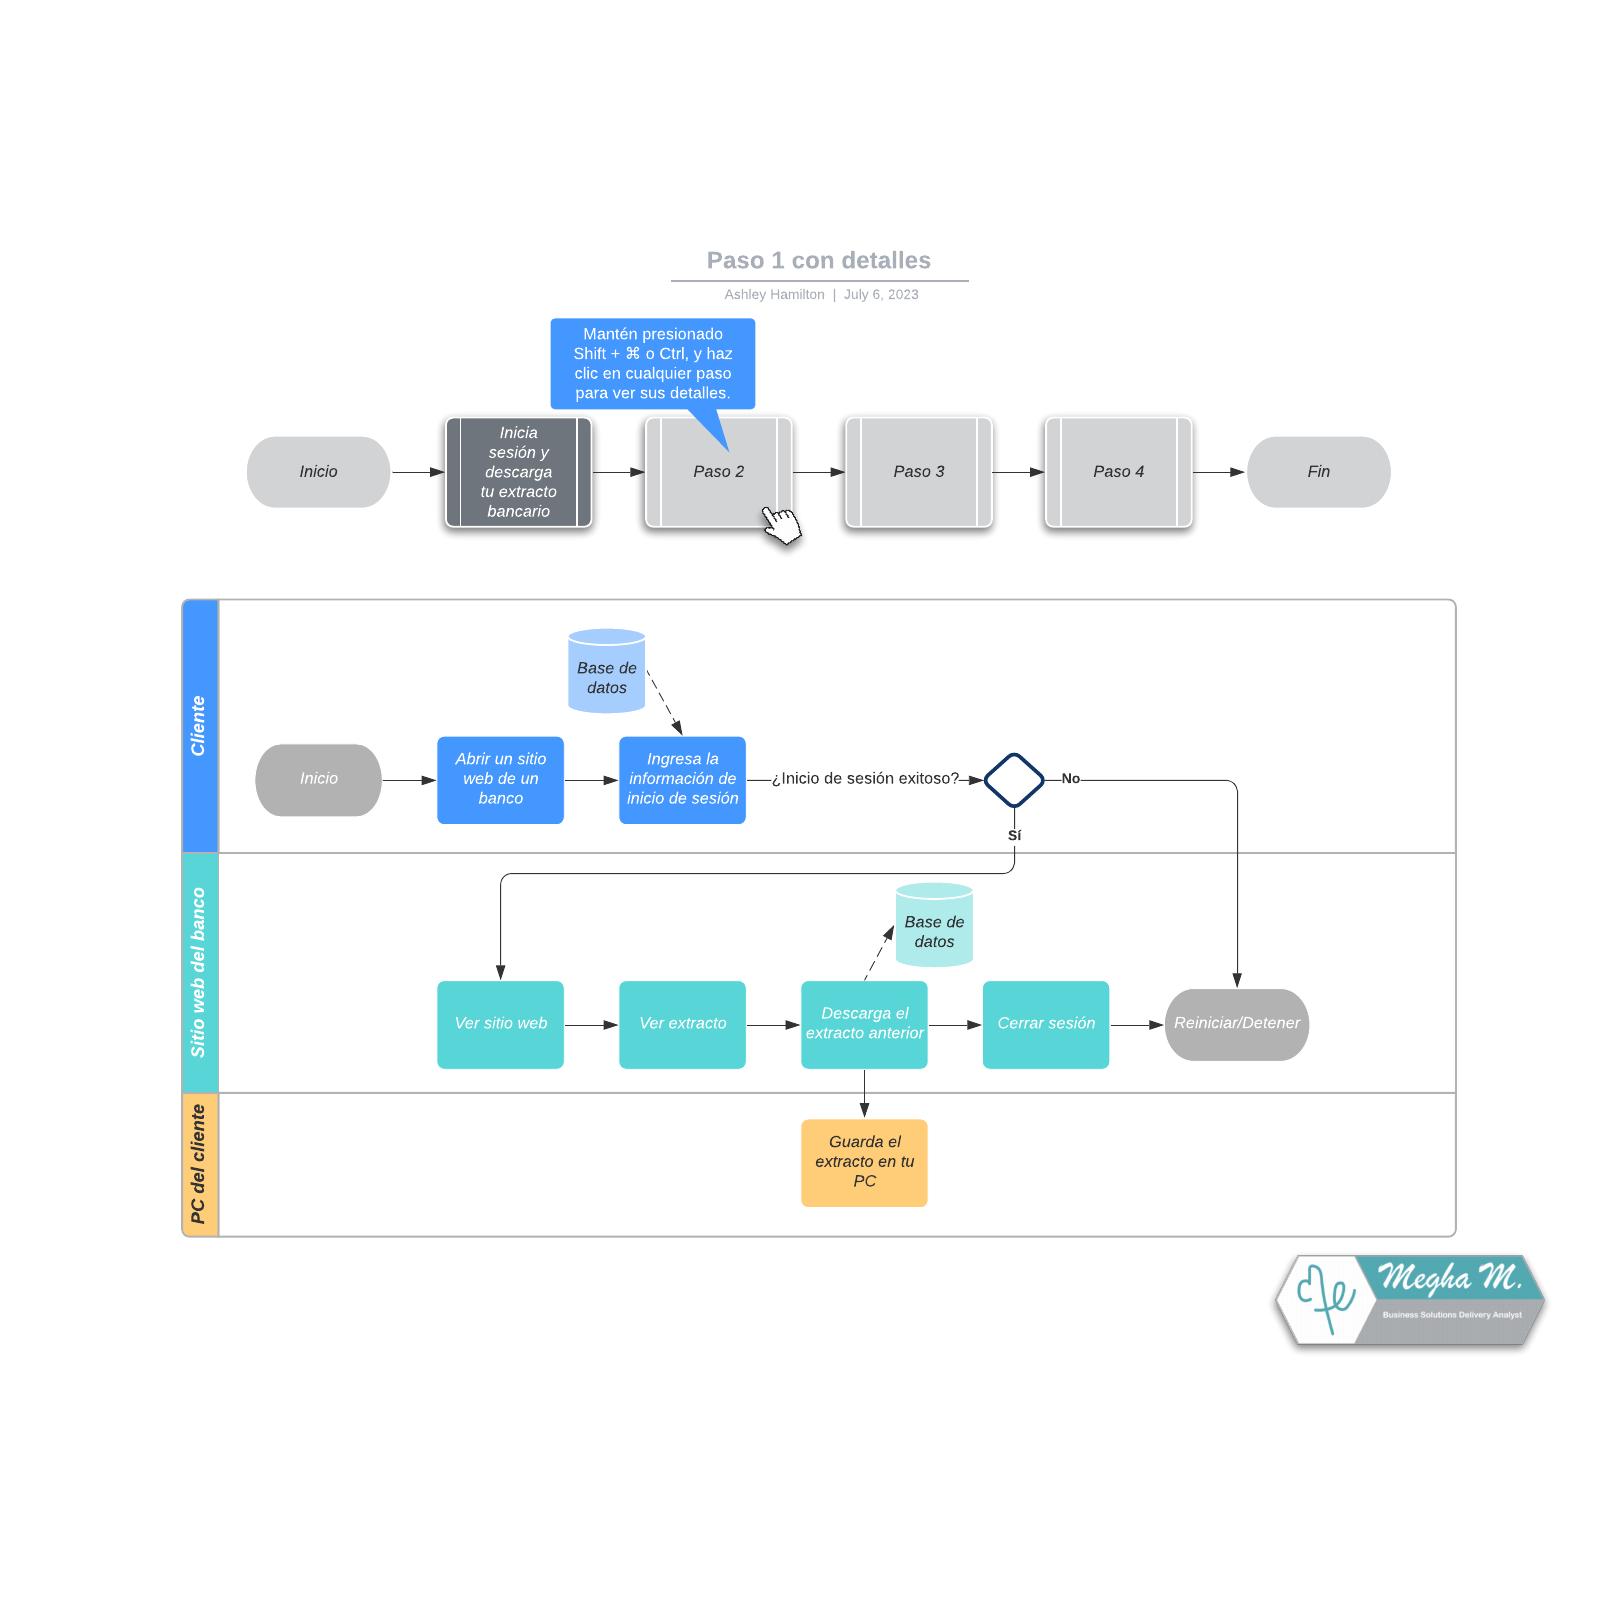 Ejemplo de diagrama de flujo general con detalles